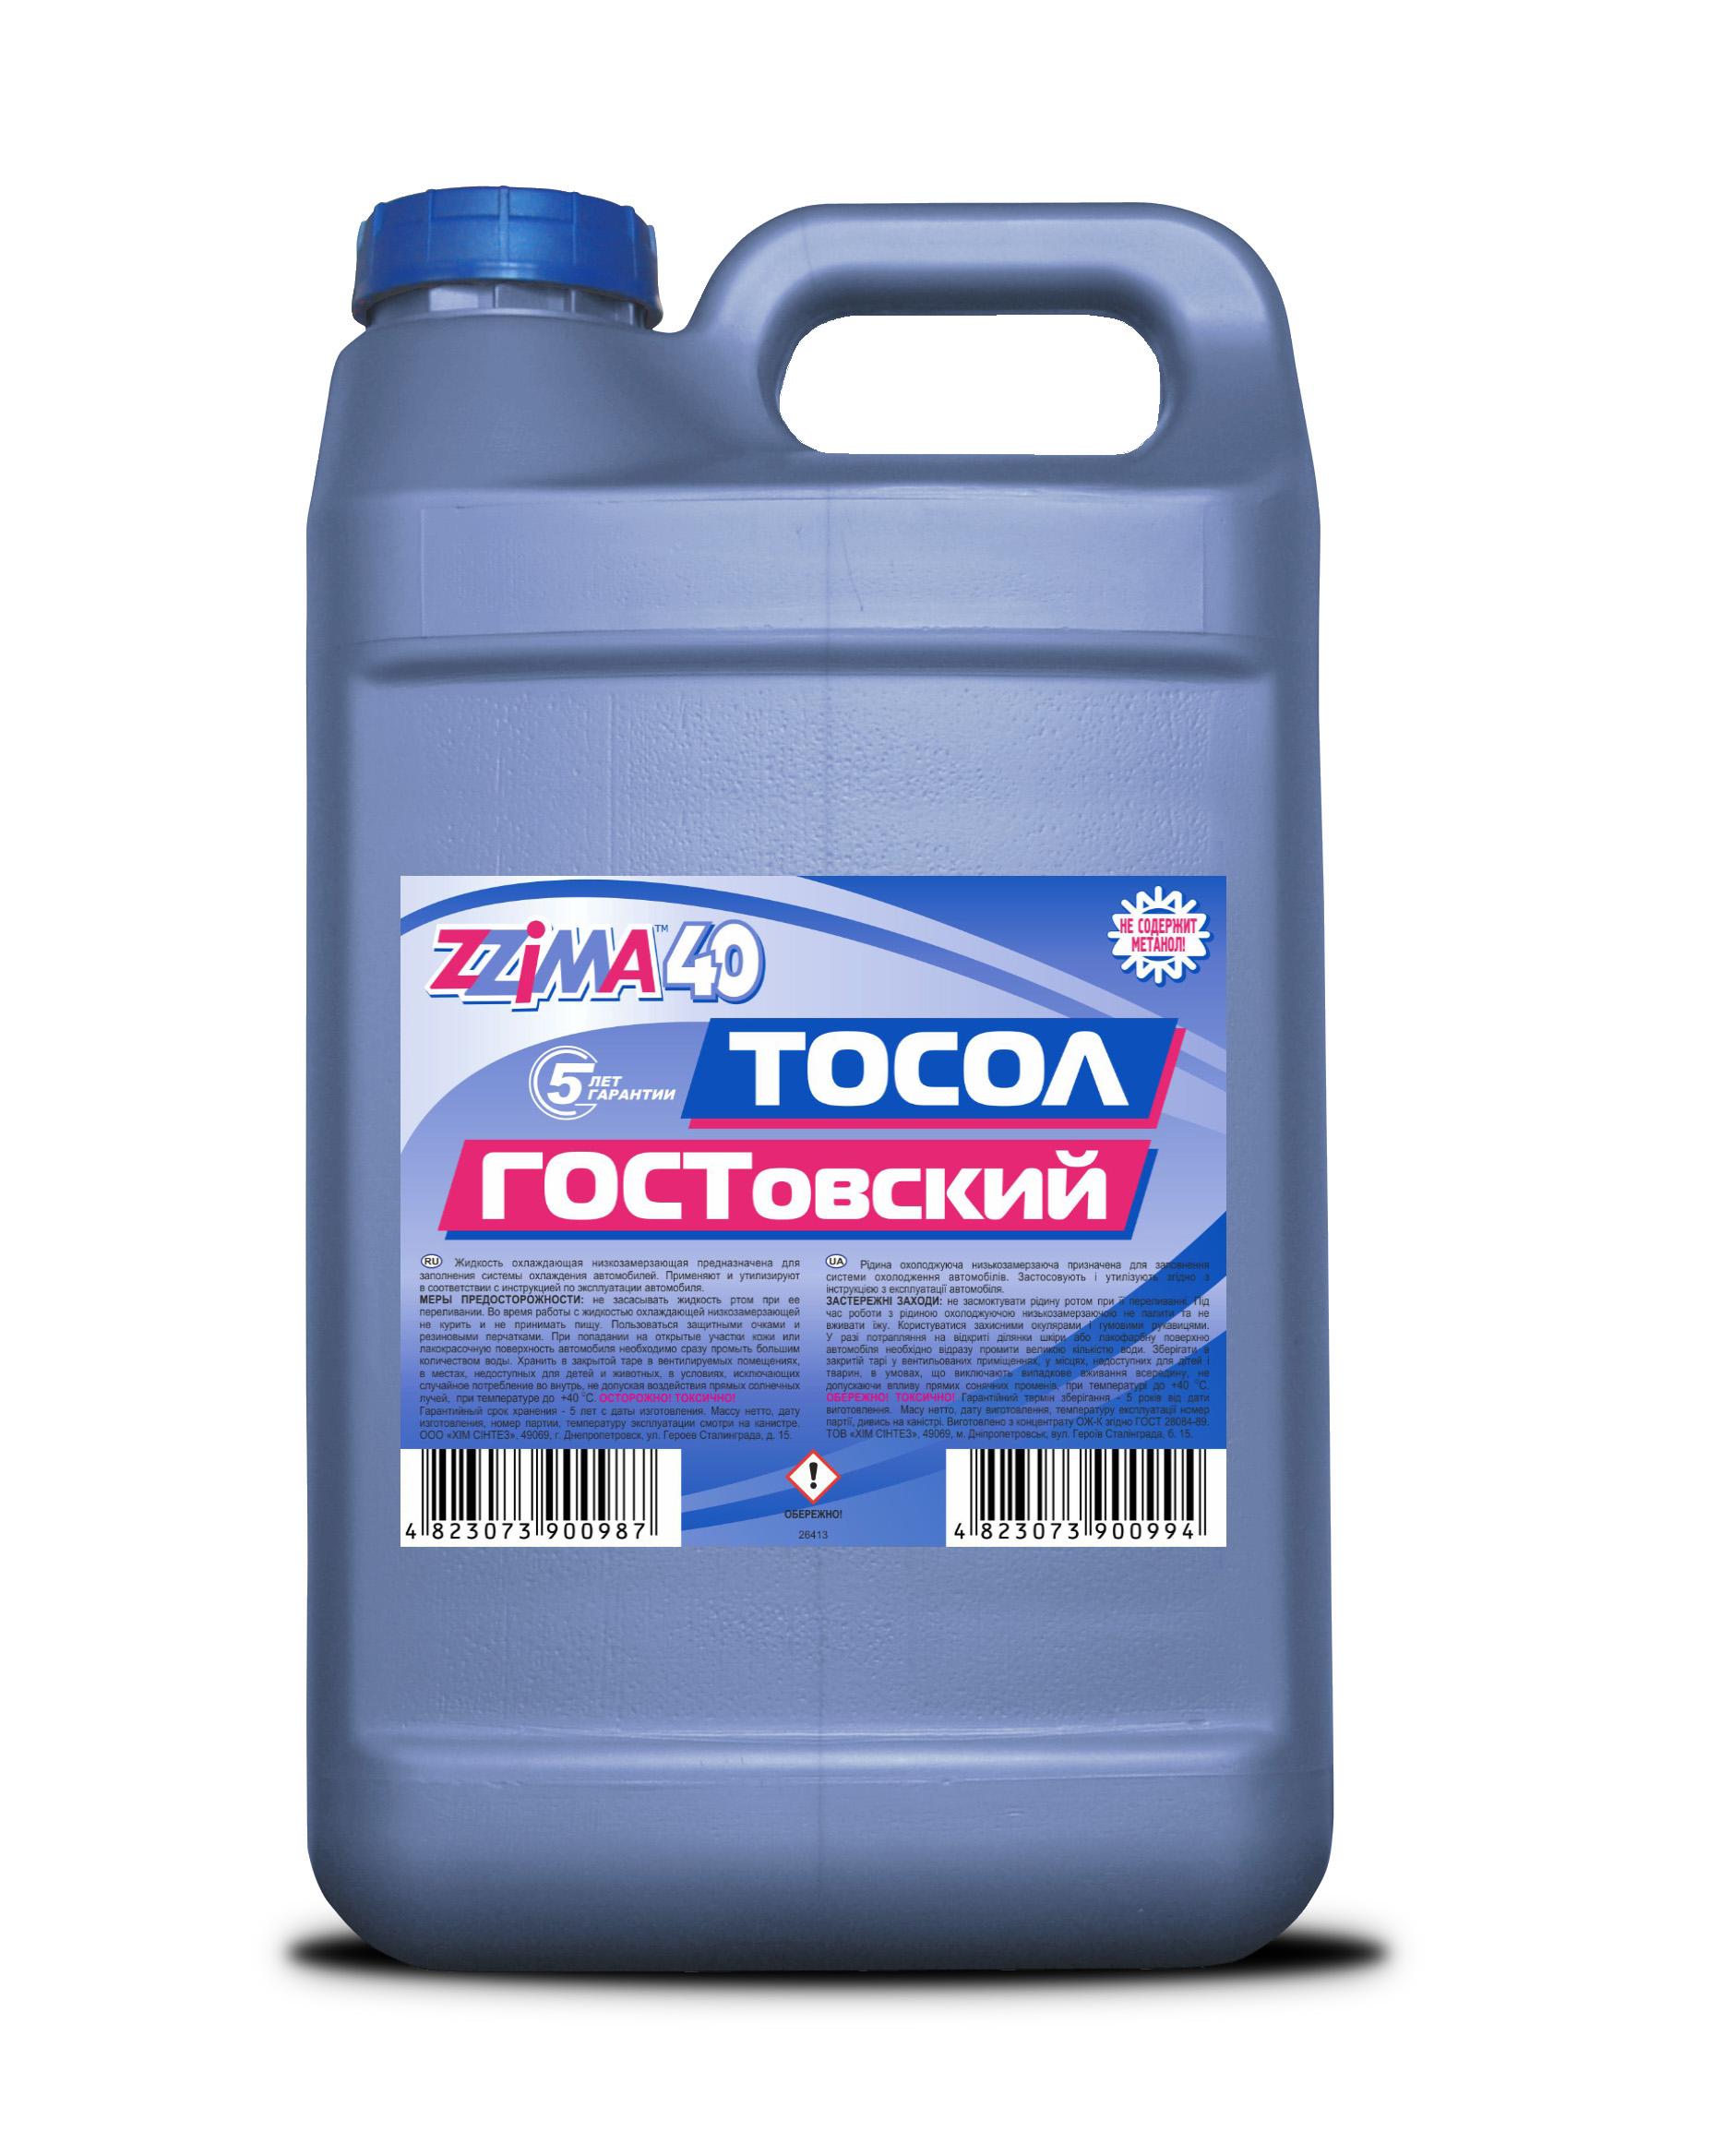 Тосол Гостовский ZZIMA-40 4,250 кг